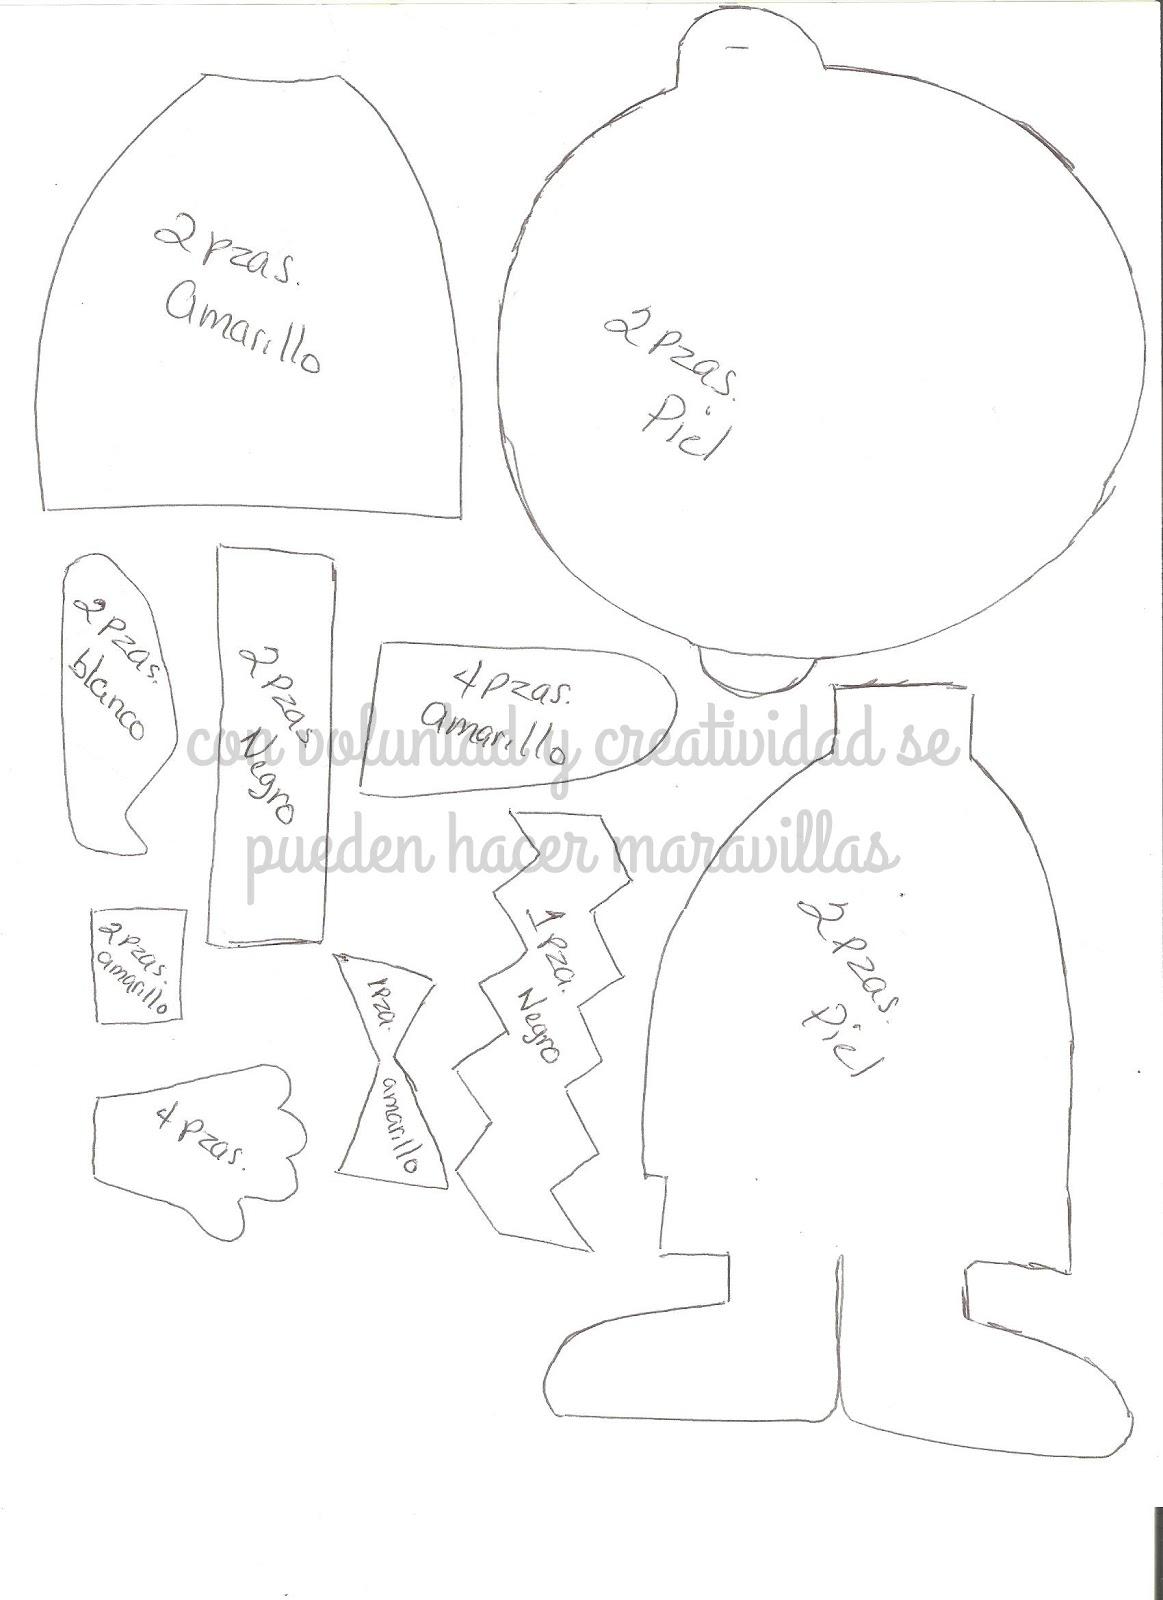 Único Hojas De Navidad De Charlie Brown Ideas - hojas de trabajo ...